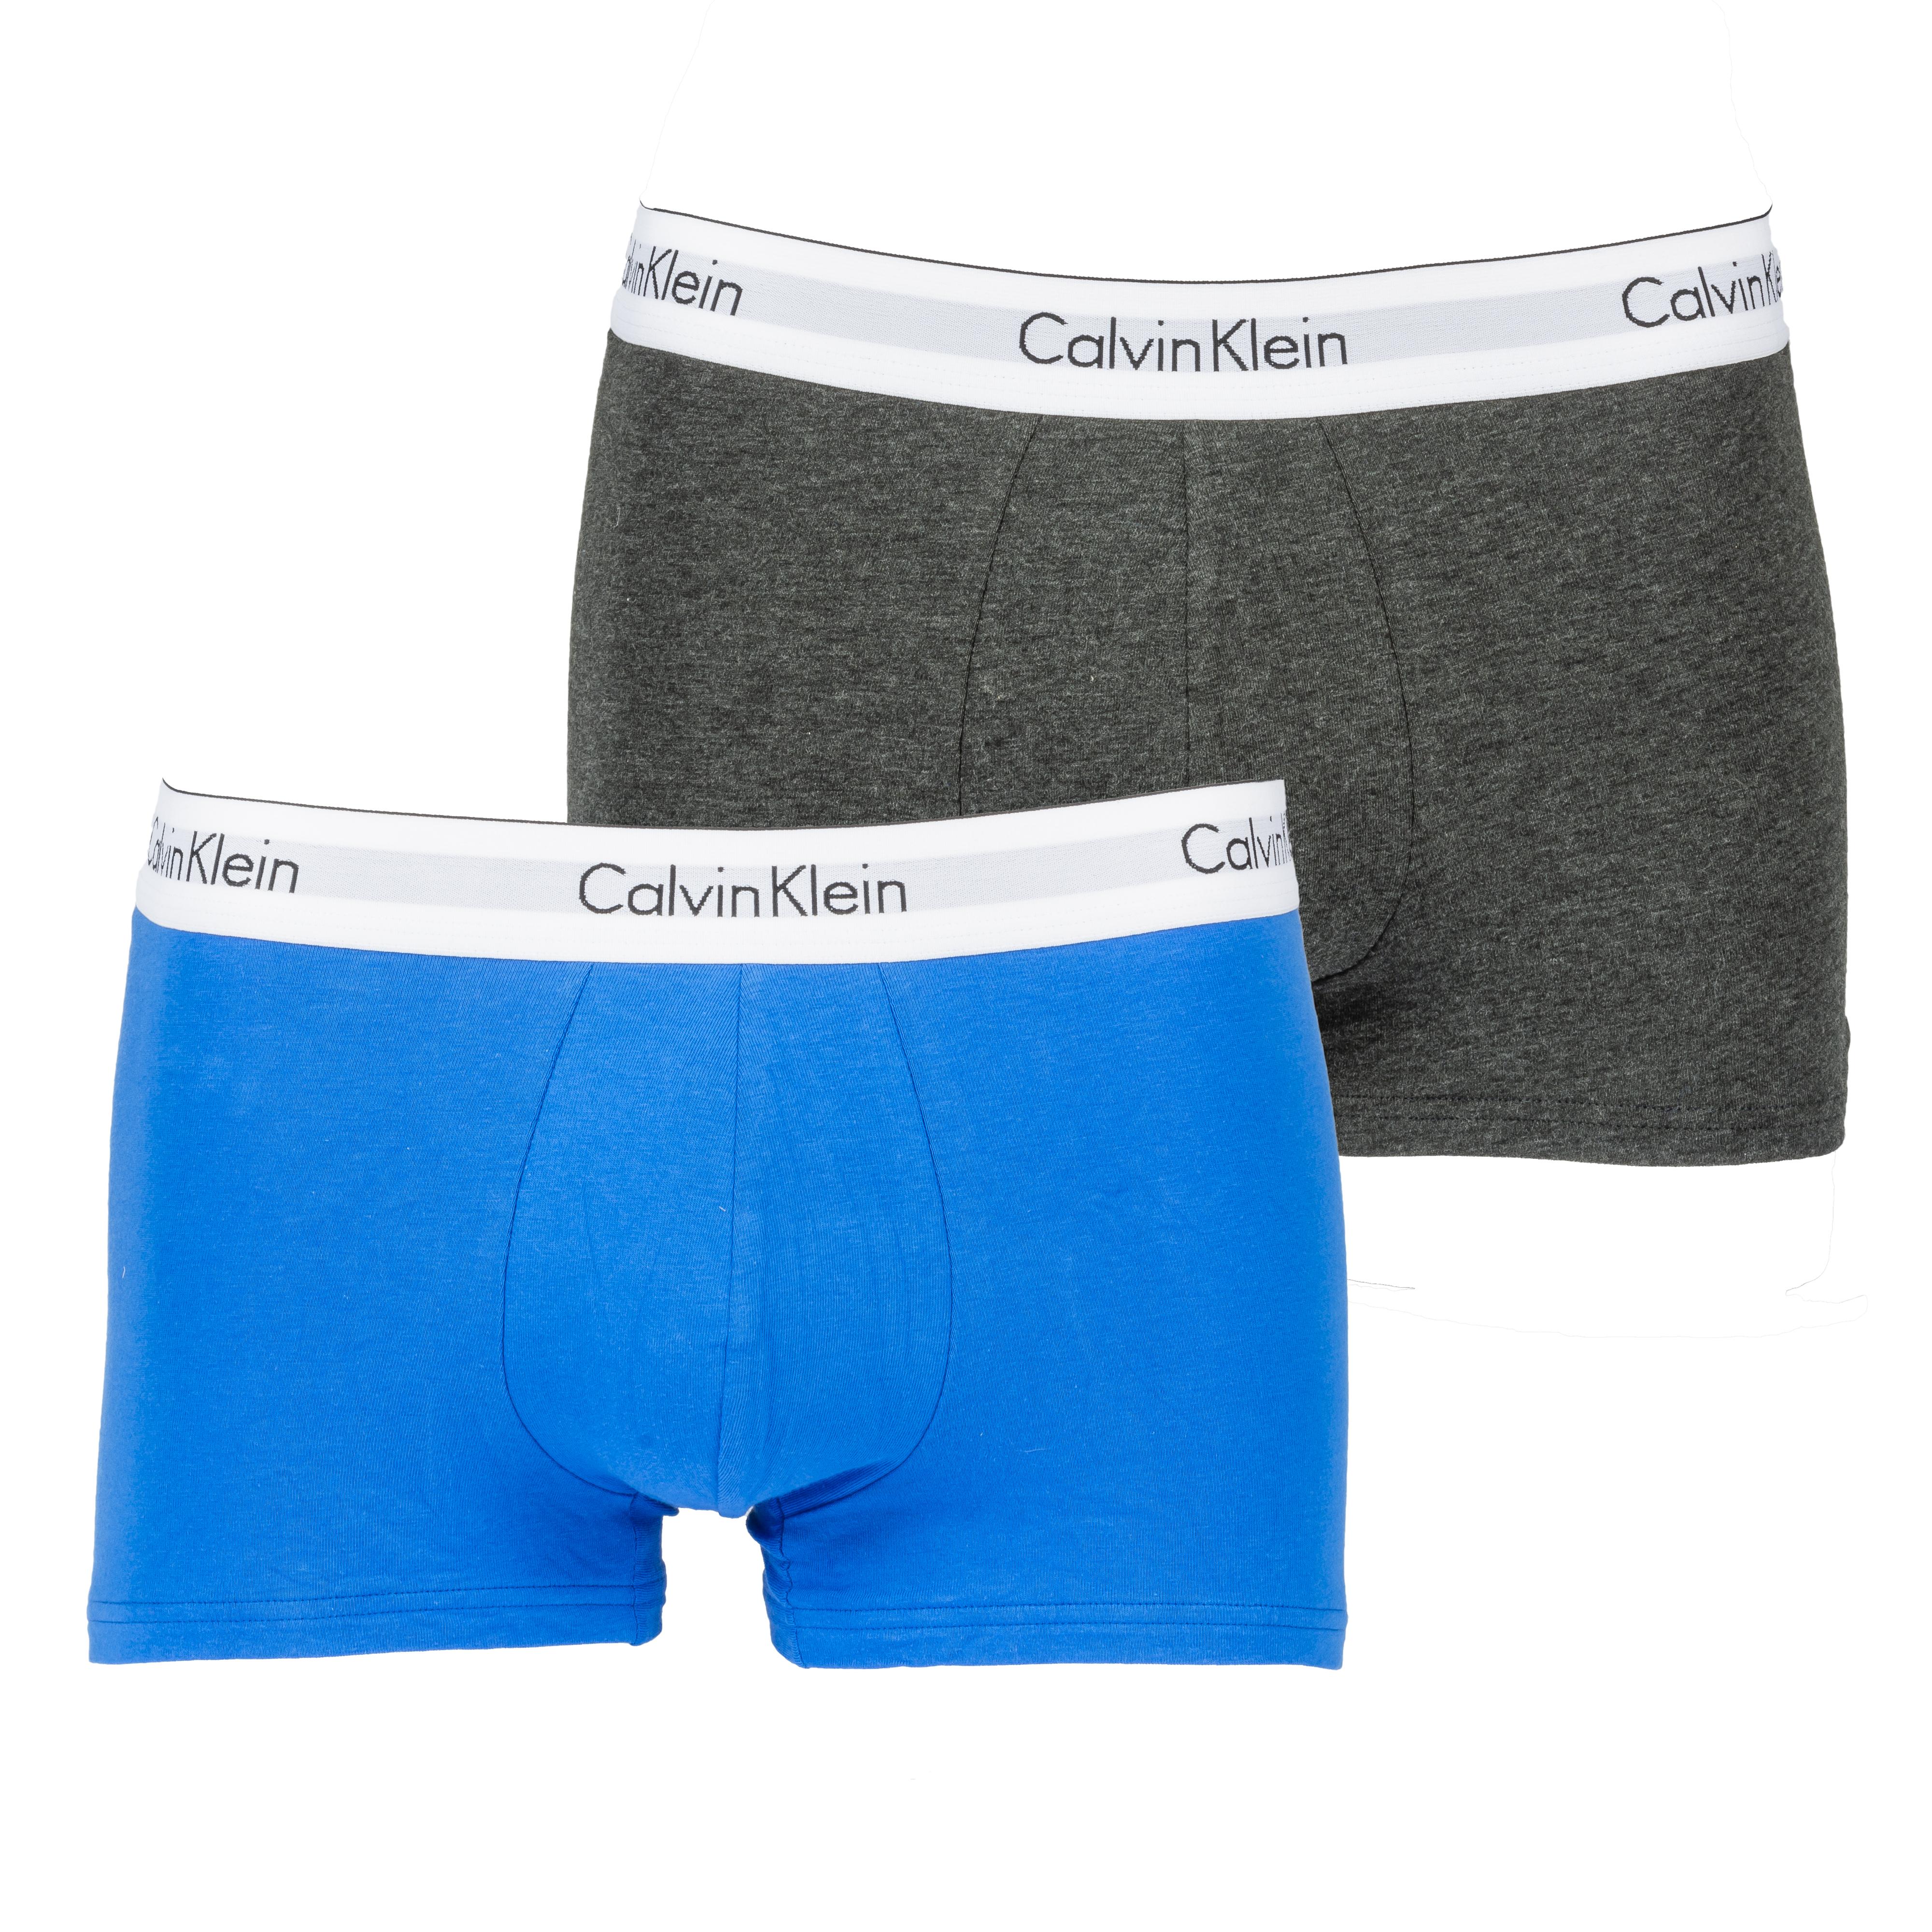 Lot de 2 boxers calvin klein en coton stretch gris anthracite et bleu ciel à ceinture blanche